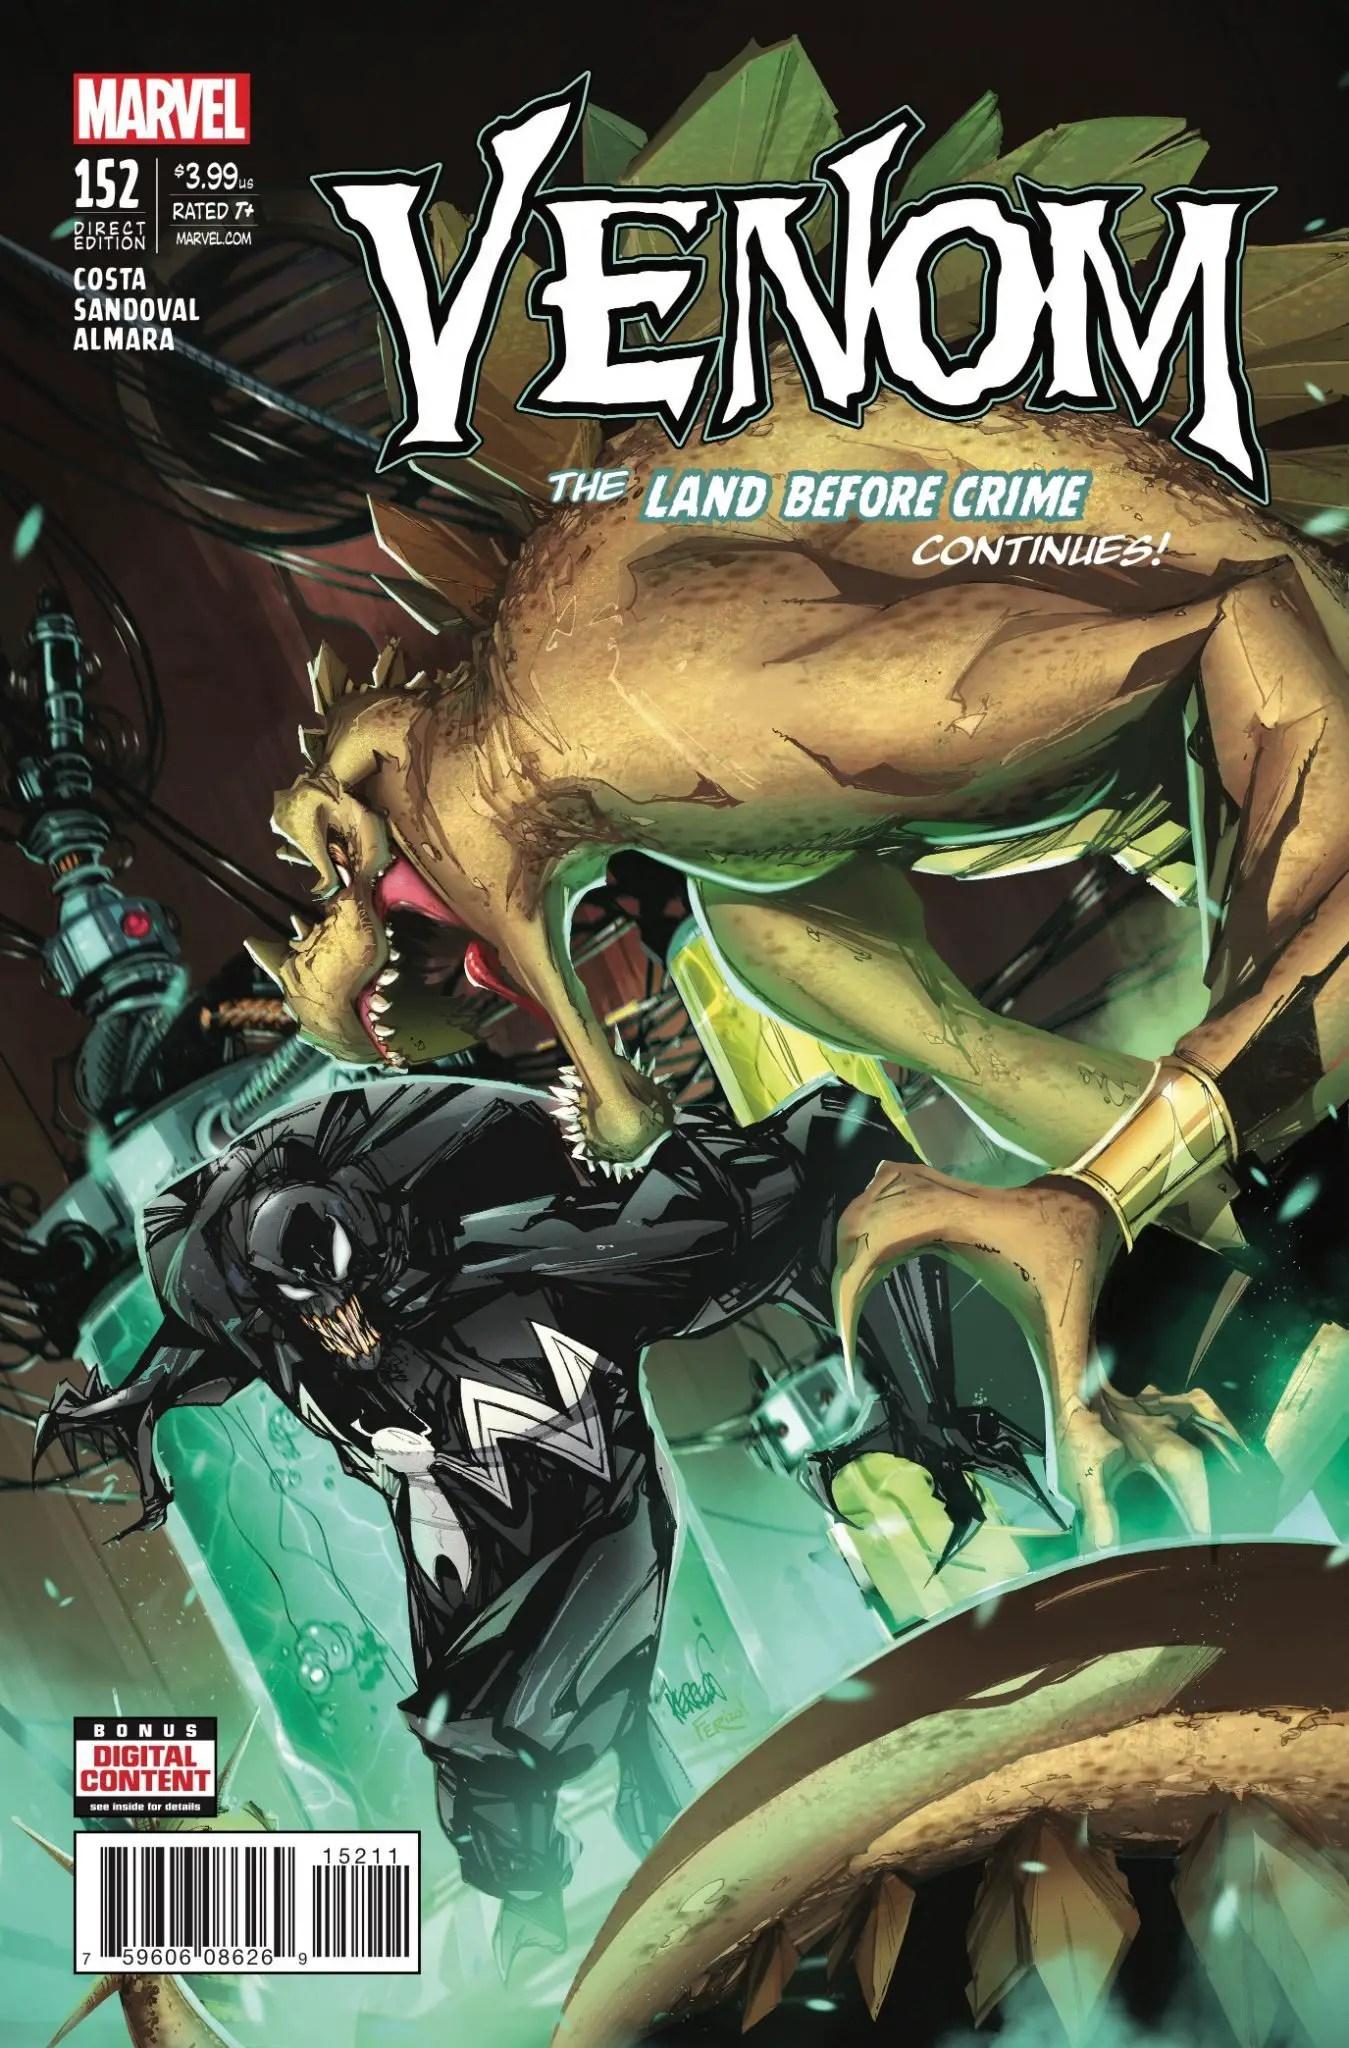 Venom #152 Review